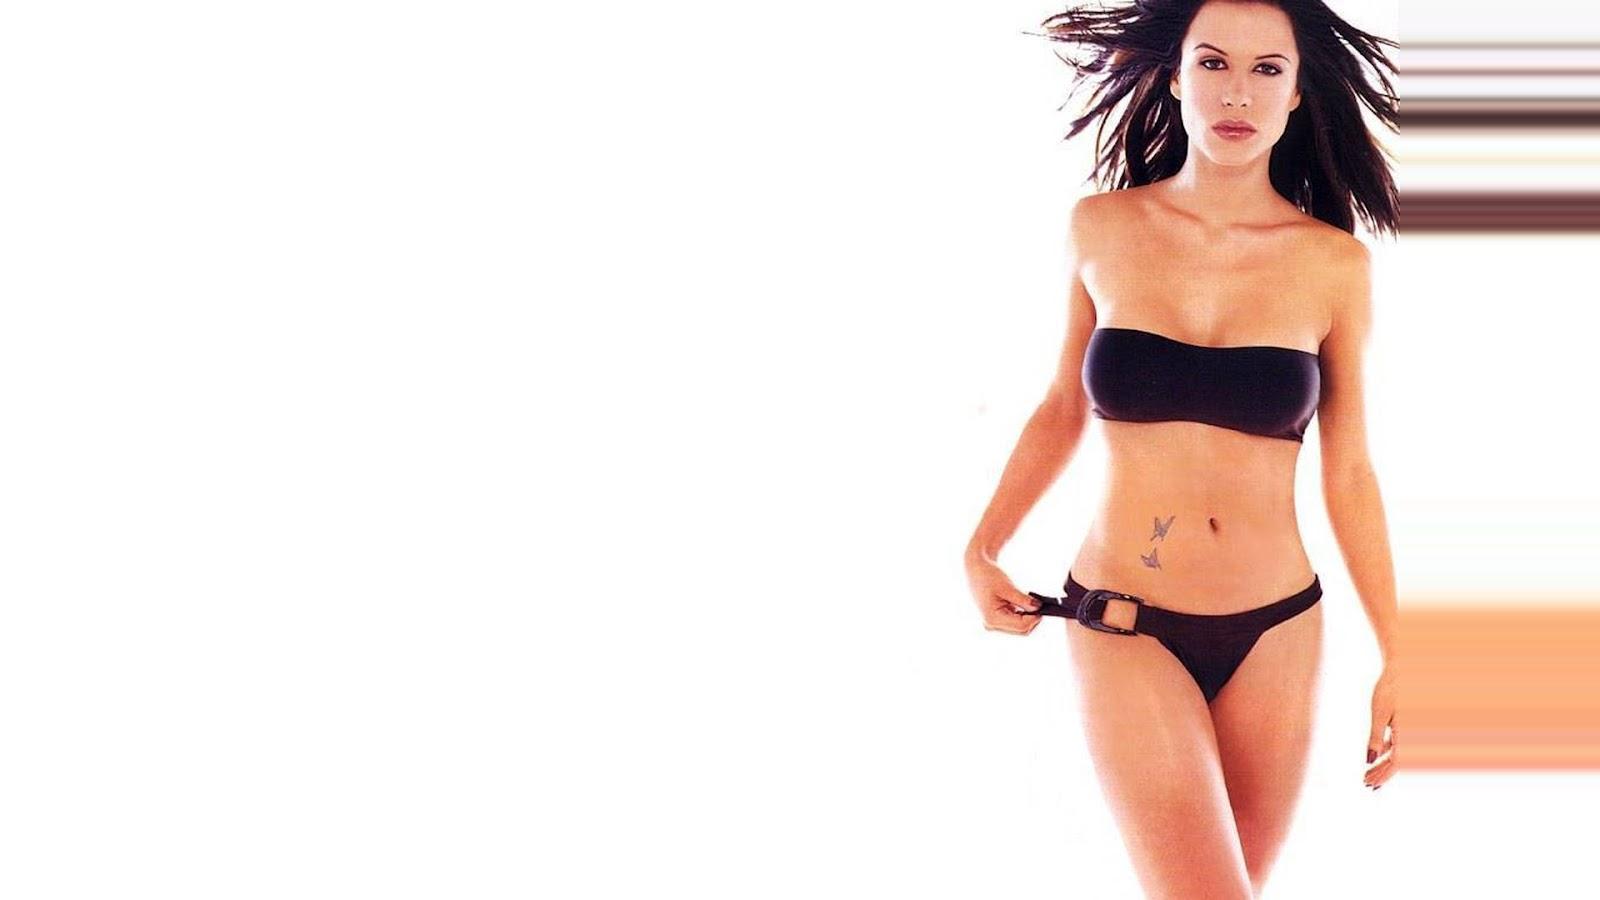 rhona-mitra-in-tight-bikini